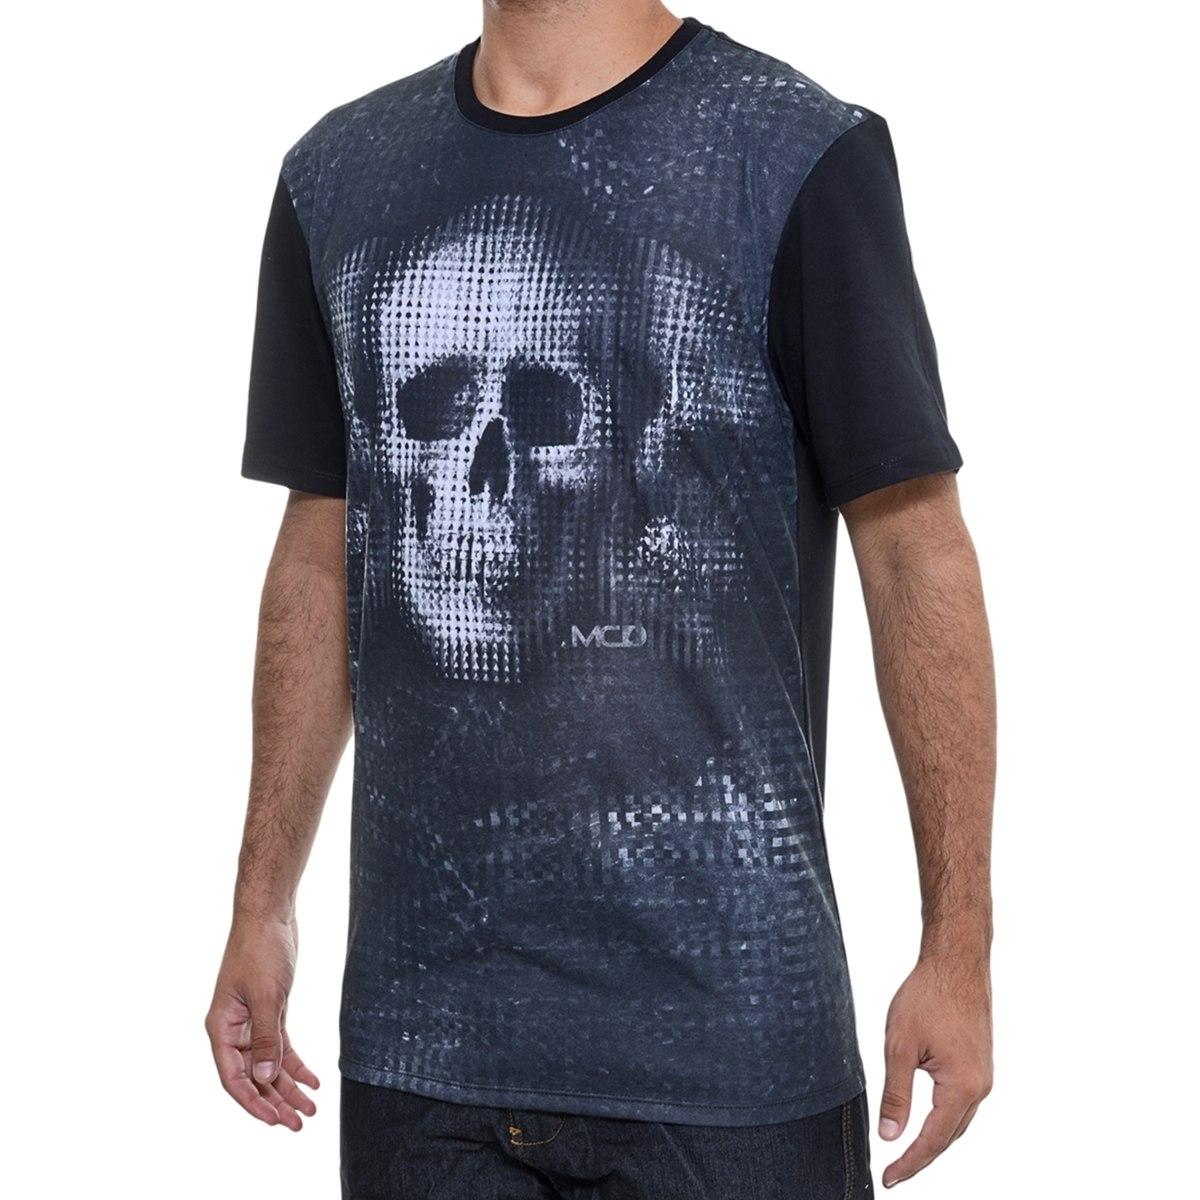 b1301448fabb8 camiseta masculina mcd especial caveira pixel preta. Carregando zoom.